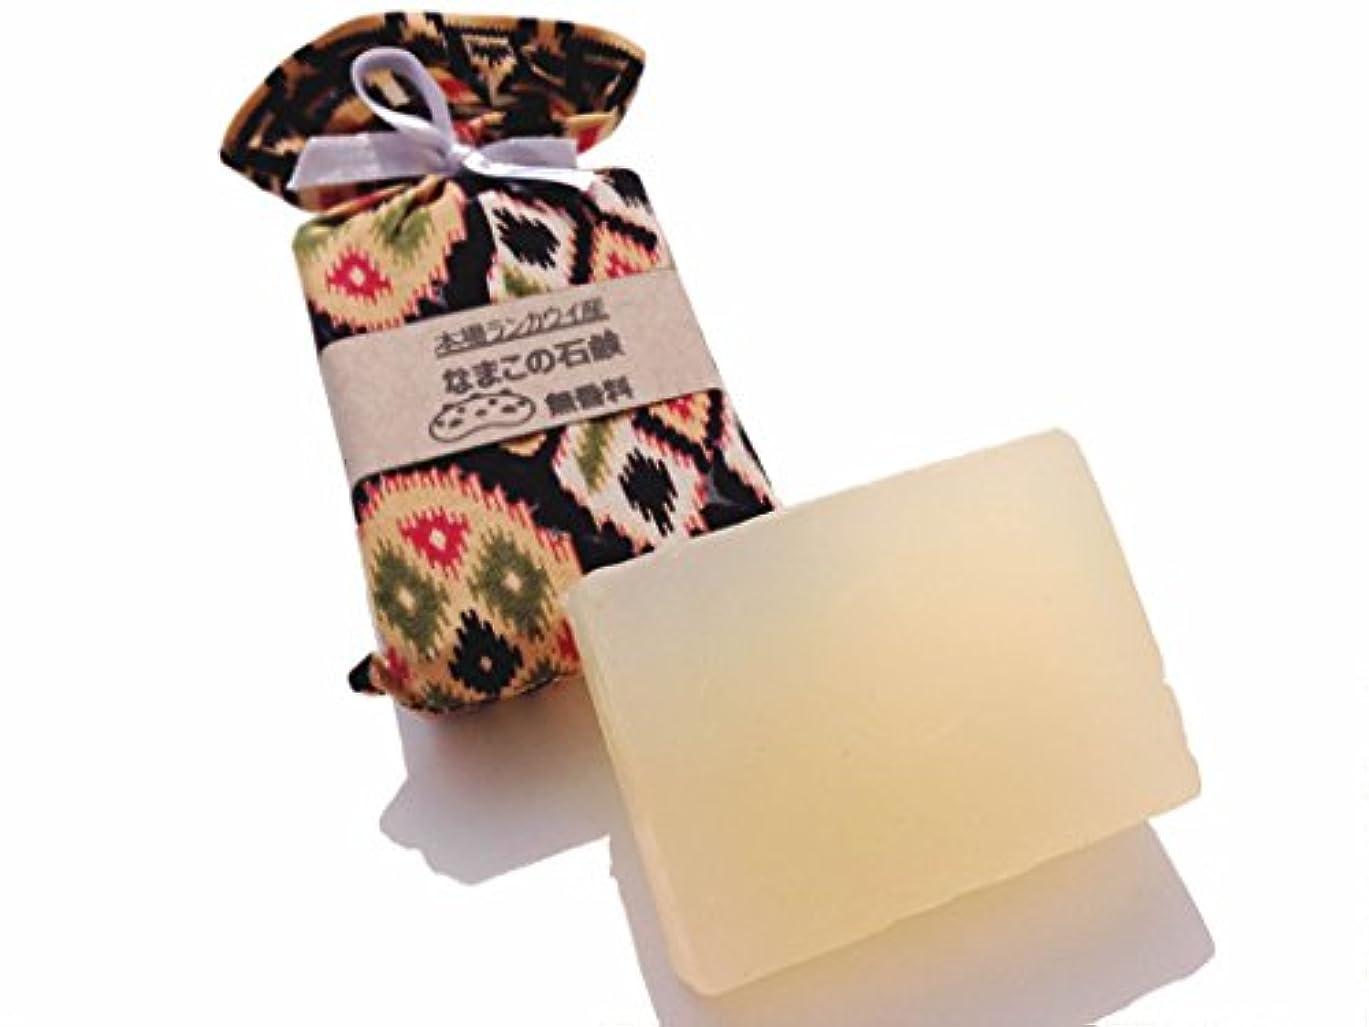 承認するリアル温度なまこ石鹸 (ランカウイの伝説 無香料)